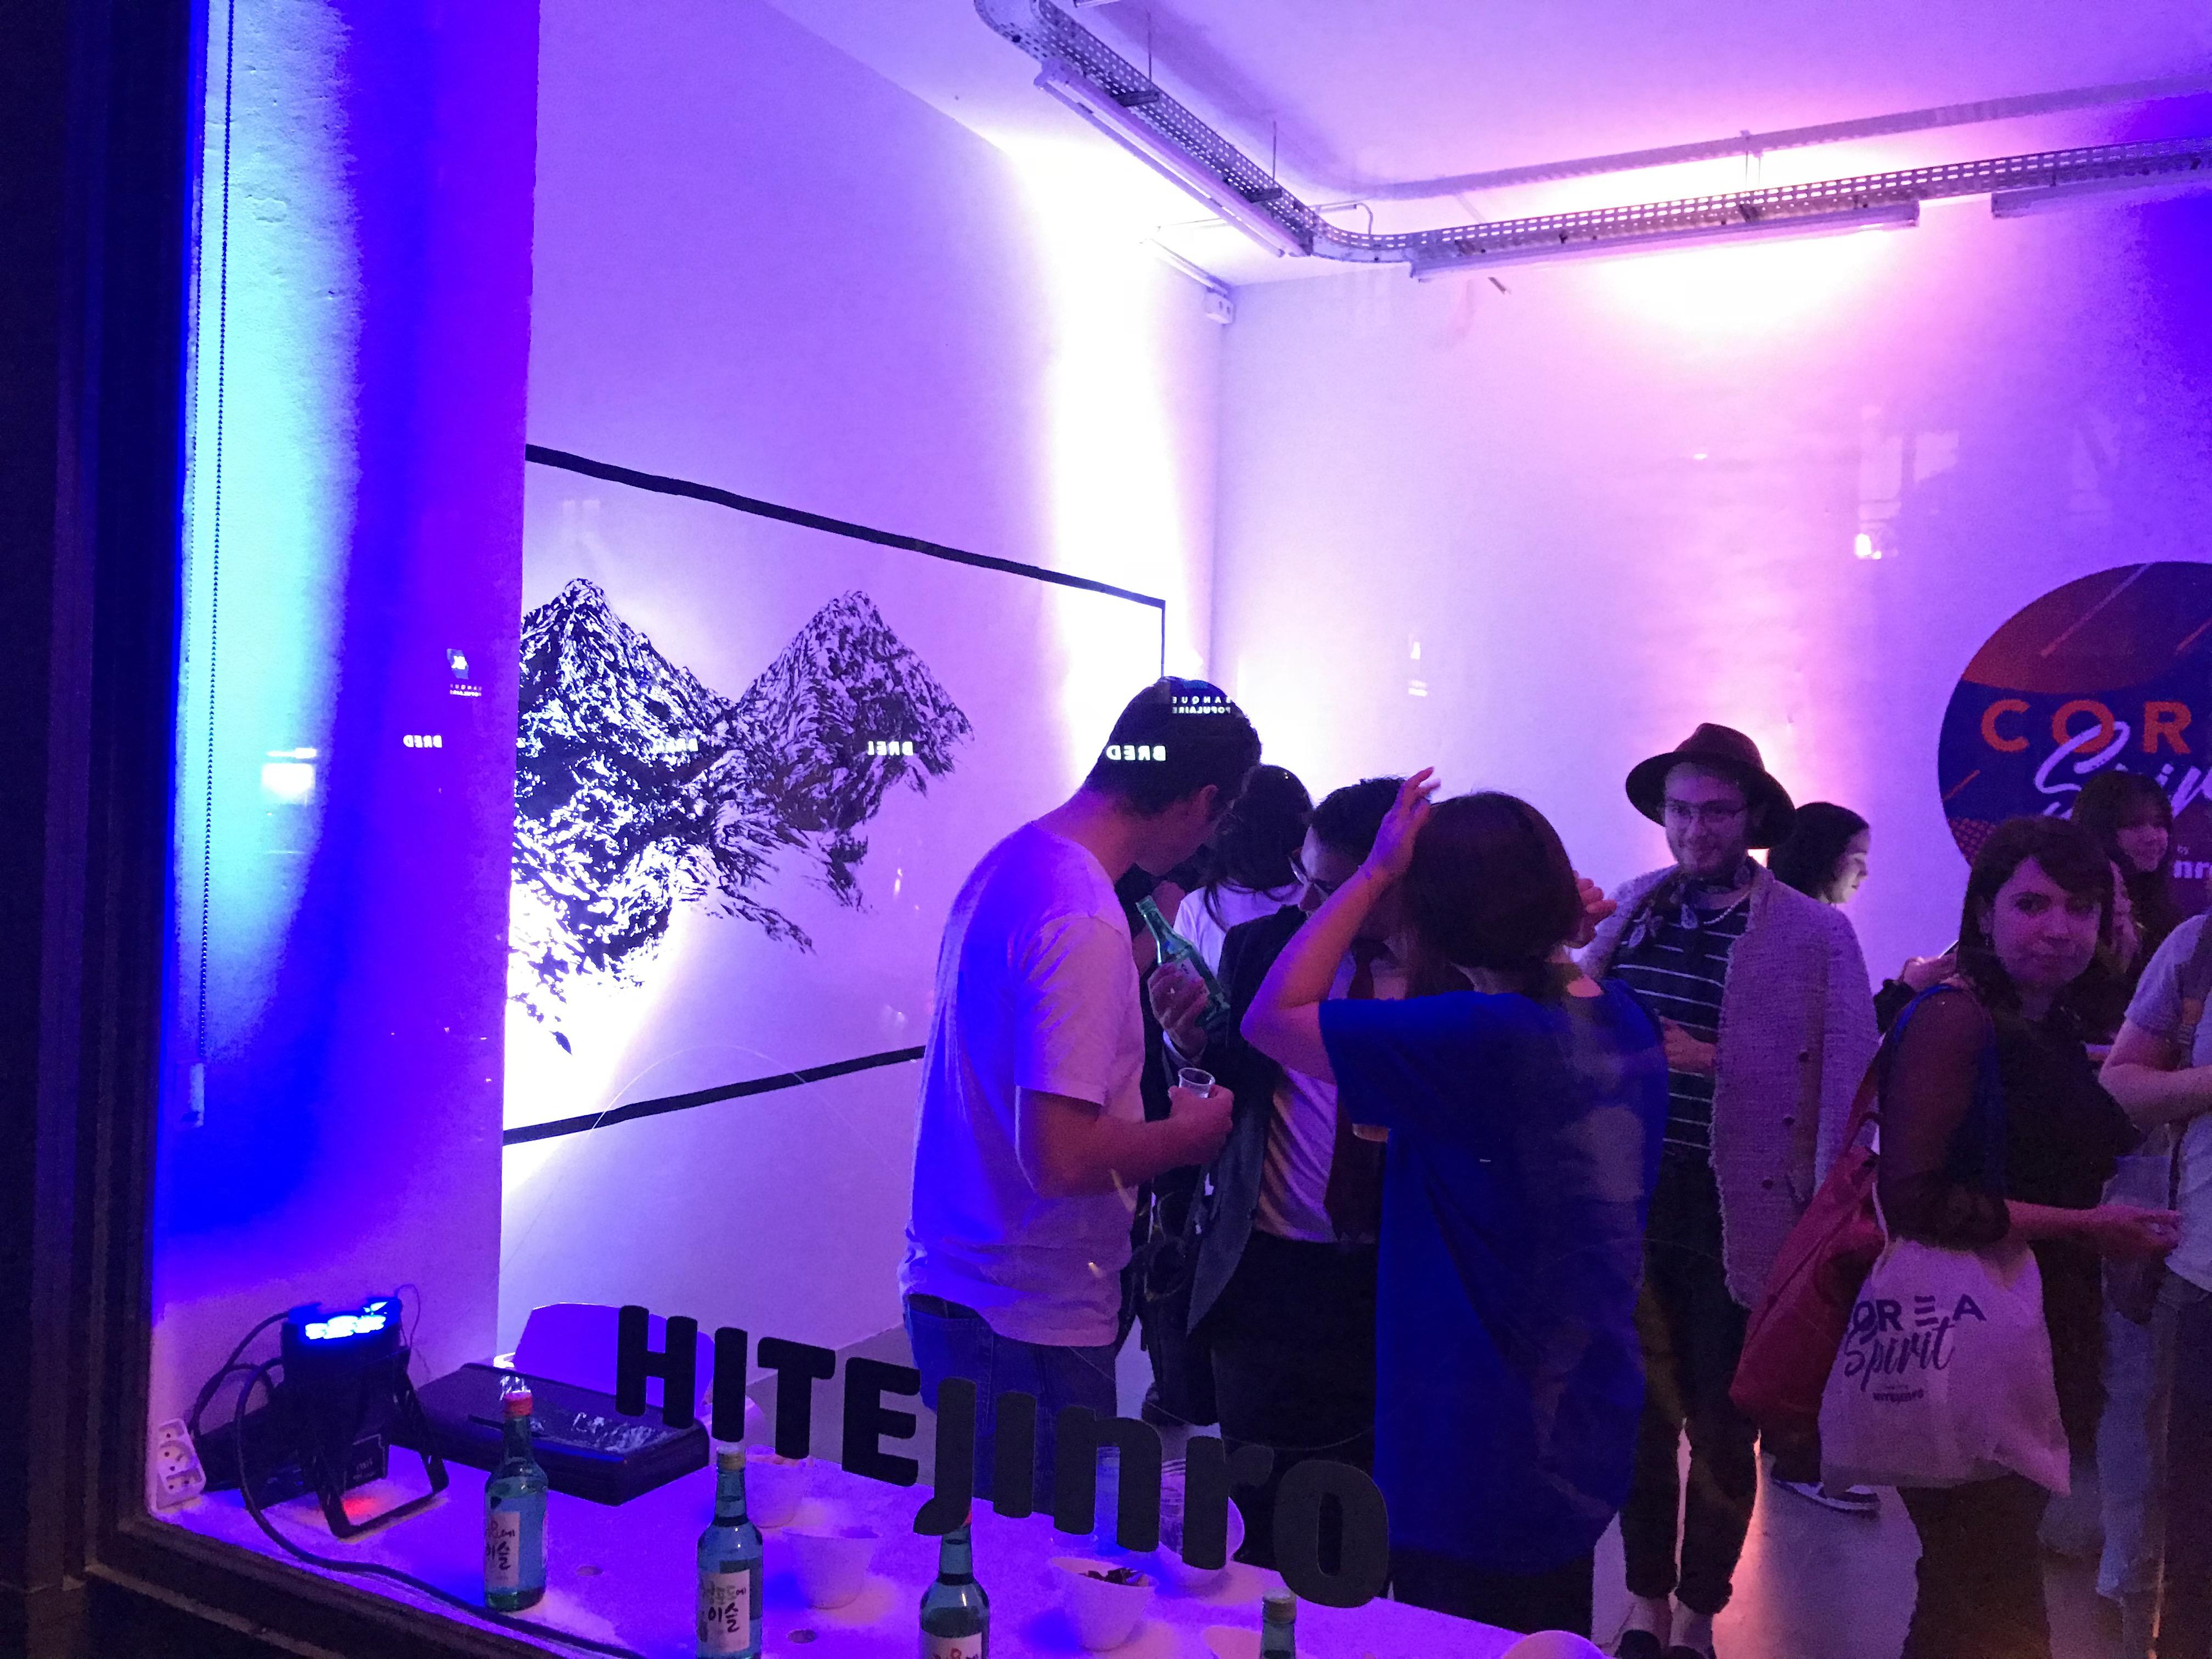 Popup store corée Hite Jinro Alcool Paris La 5ème étape Brand Content événementiel